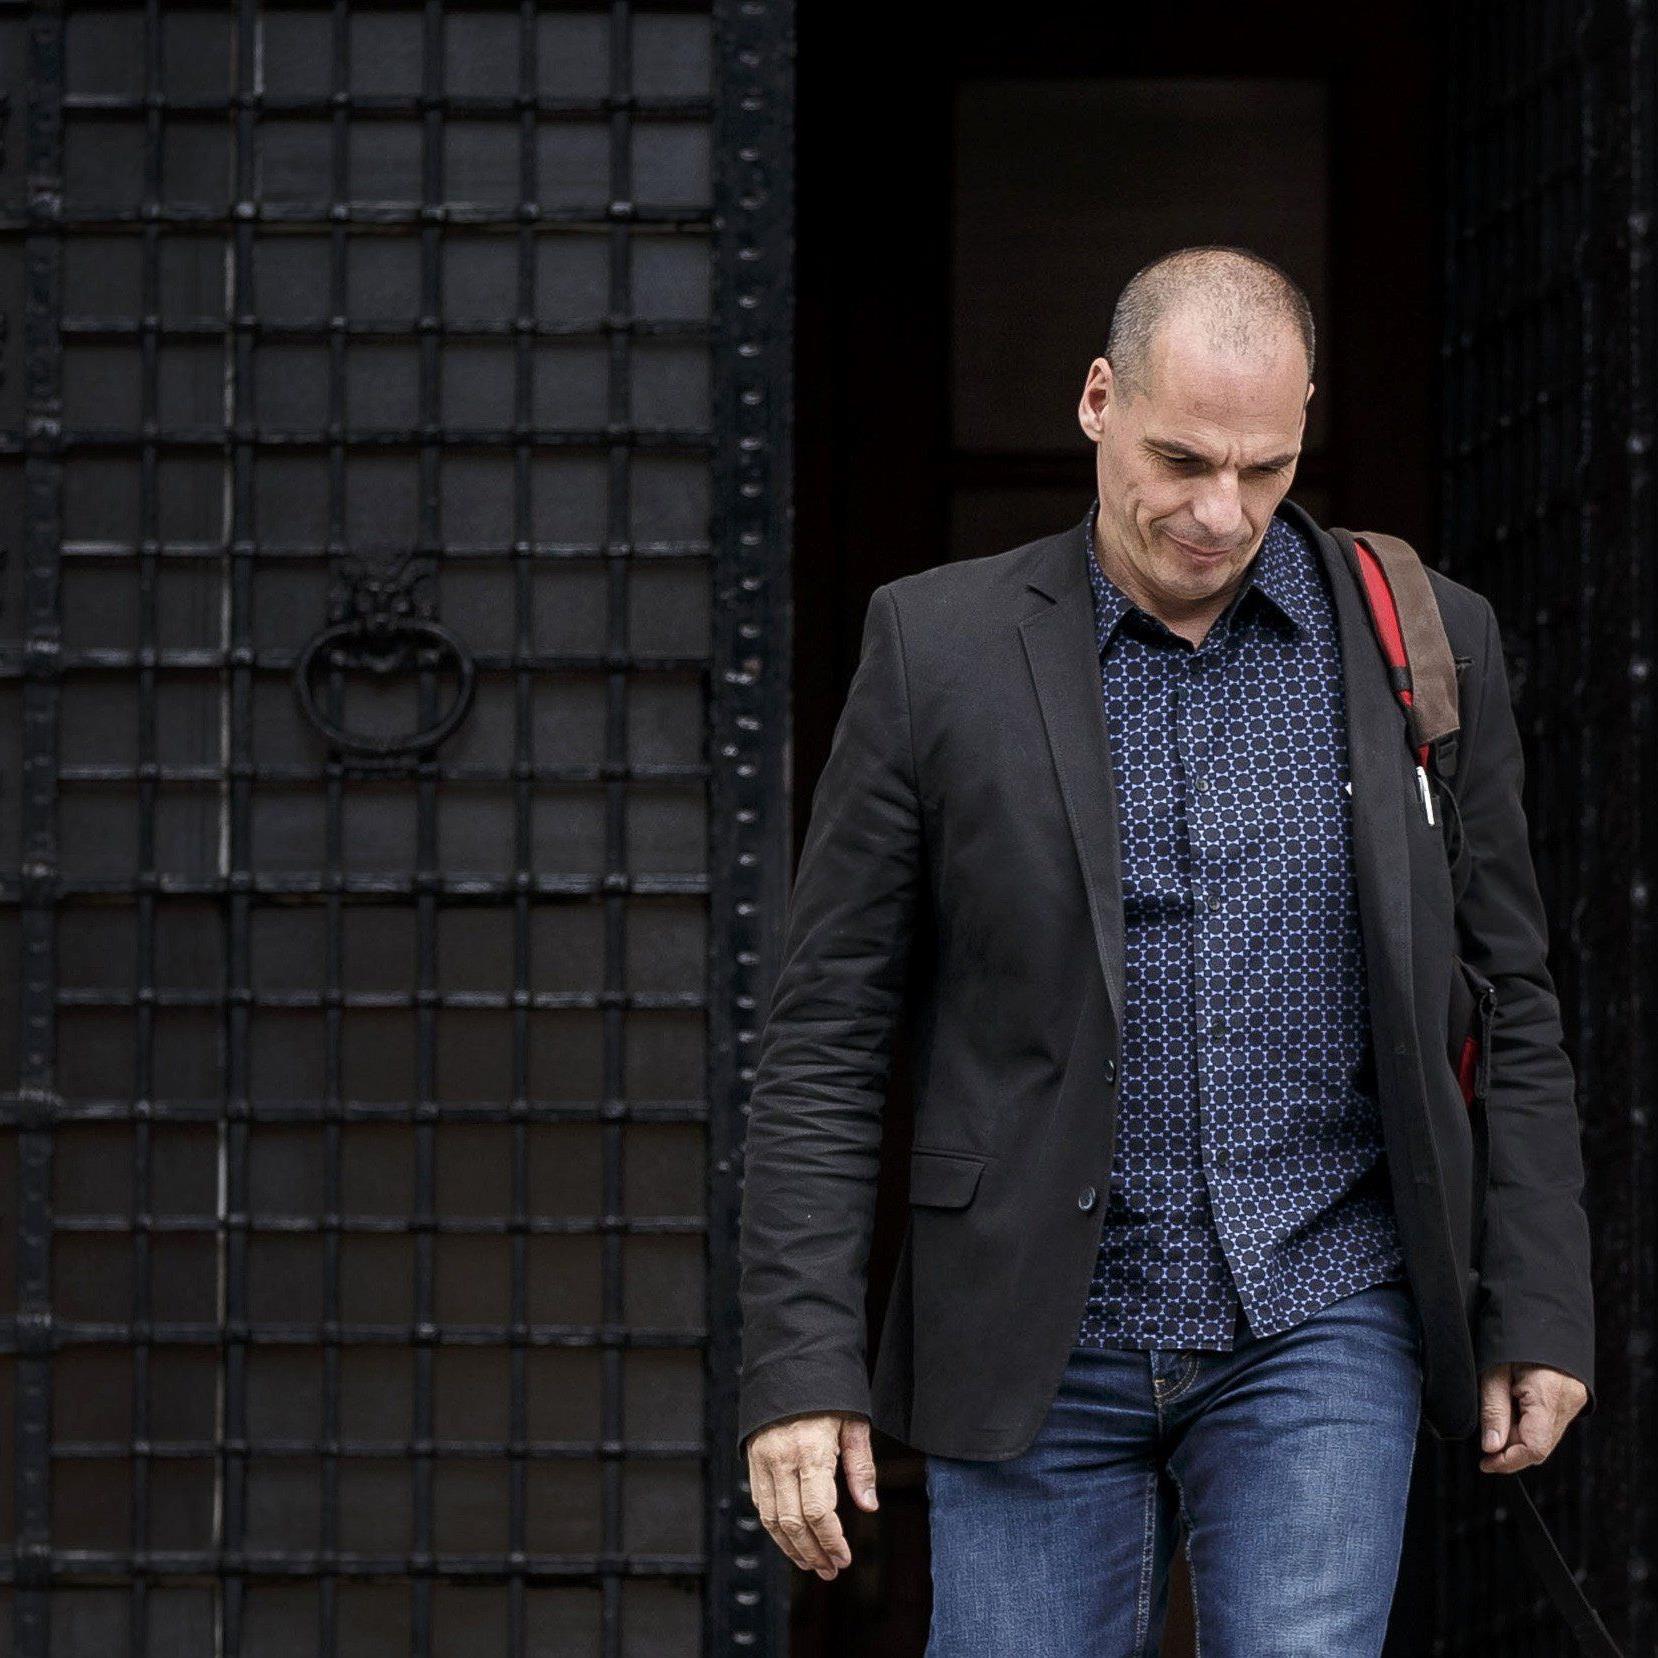 """Der Finanzminister, der sich dieses """"Nein"""" gewünscht hatte, tritt nach dem Referendum zurück."""